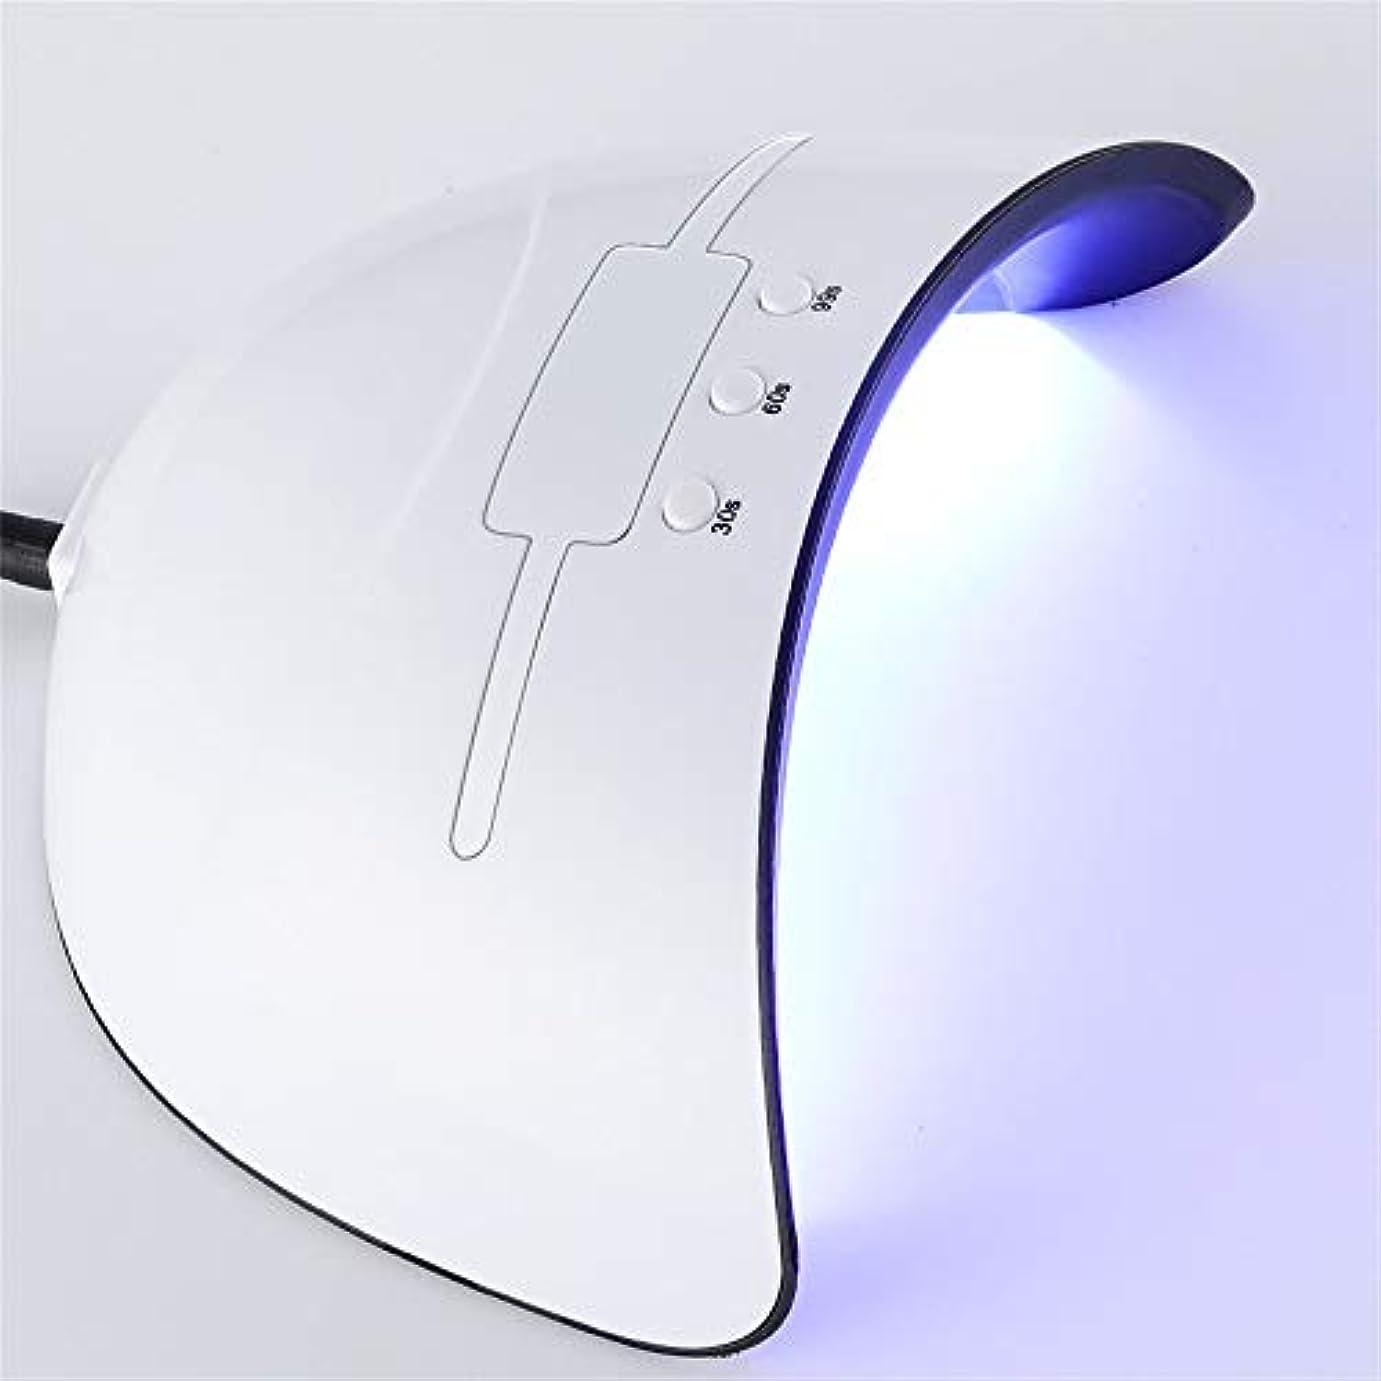 発信飼い慣らす市場URHOMY 36W LEDネイルドライヤースマート誘導速乾性光線療法機ネイルランプ